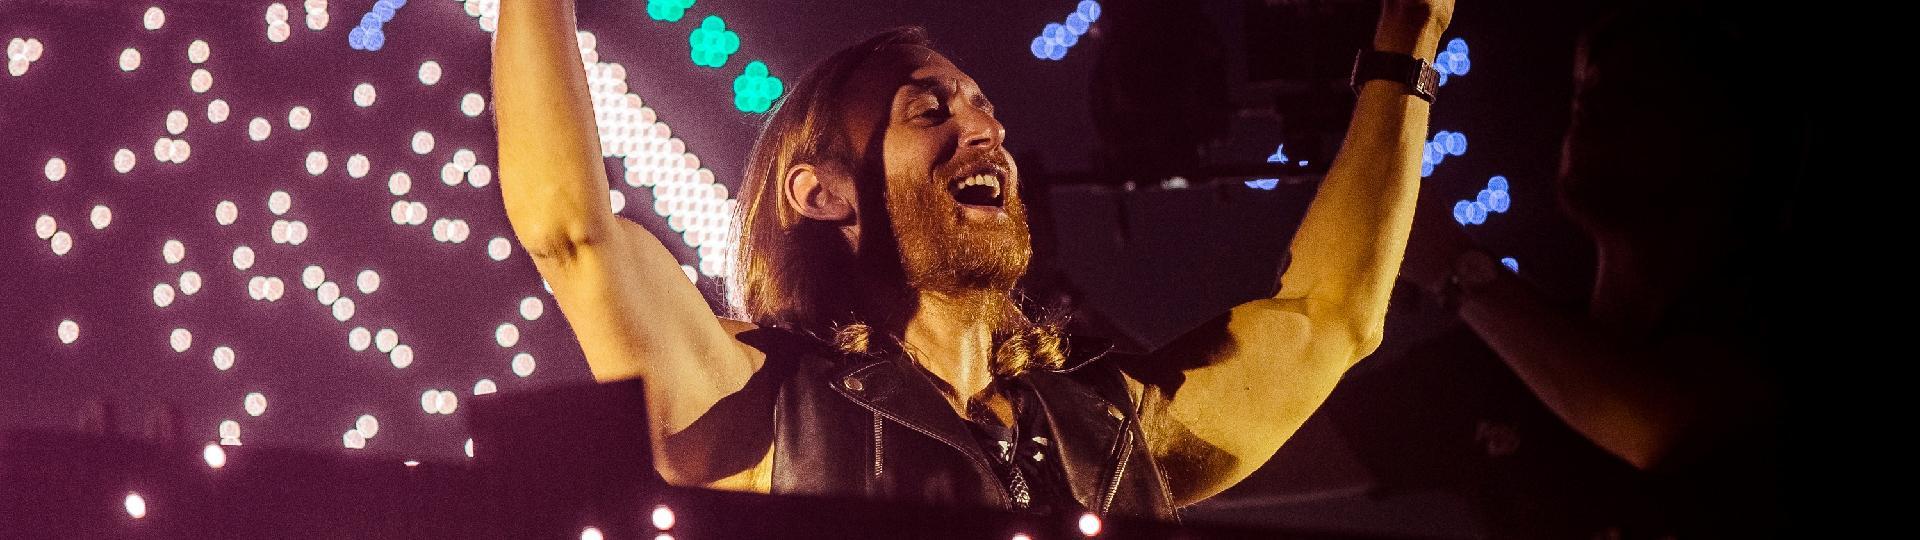 David Guetta faz show no Espaço das Américas em São Paulo